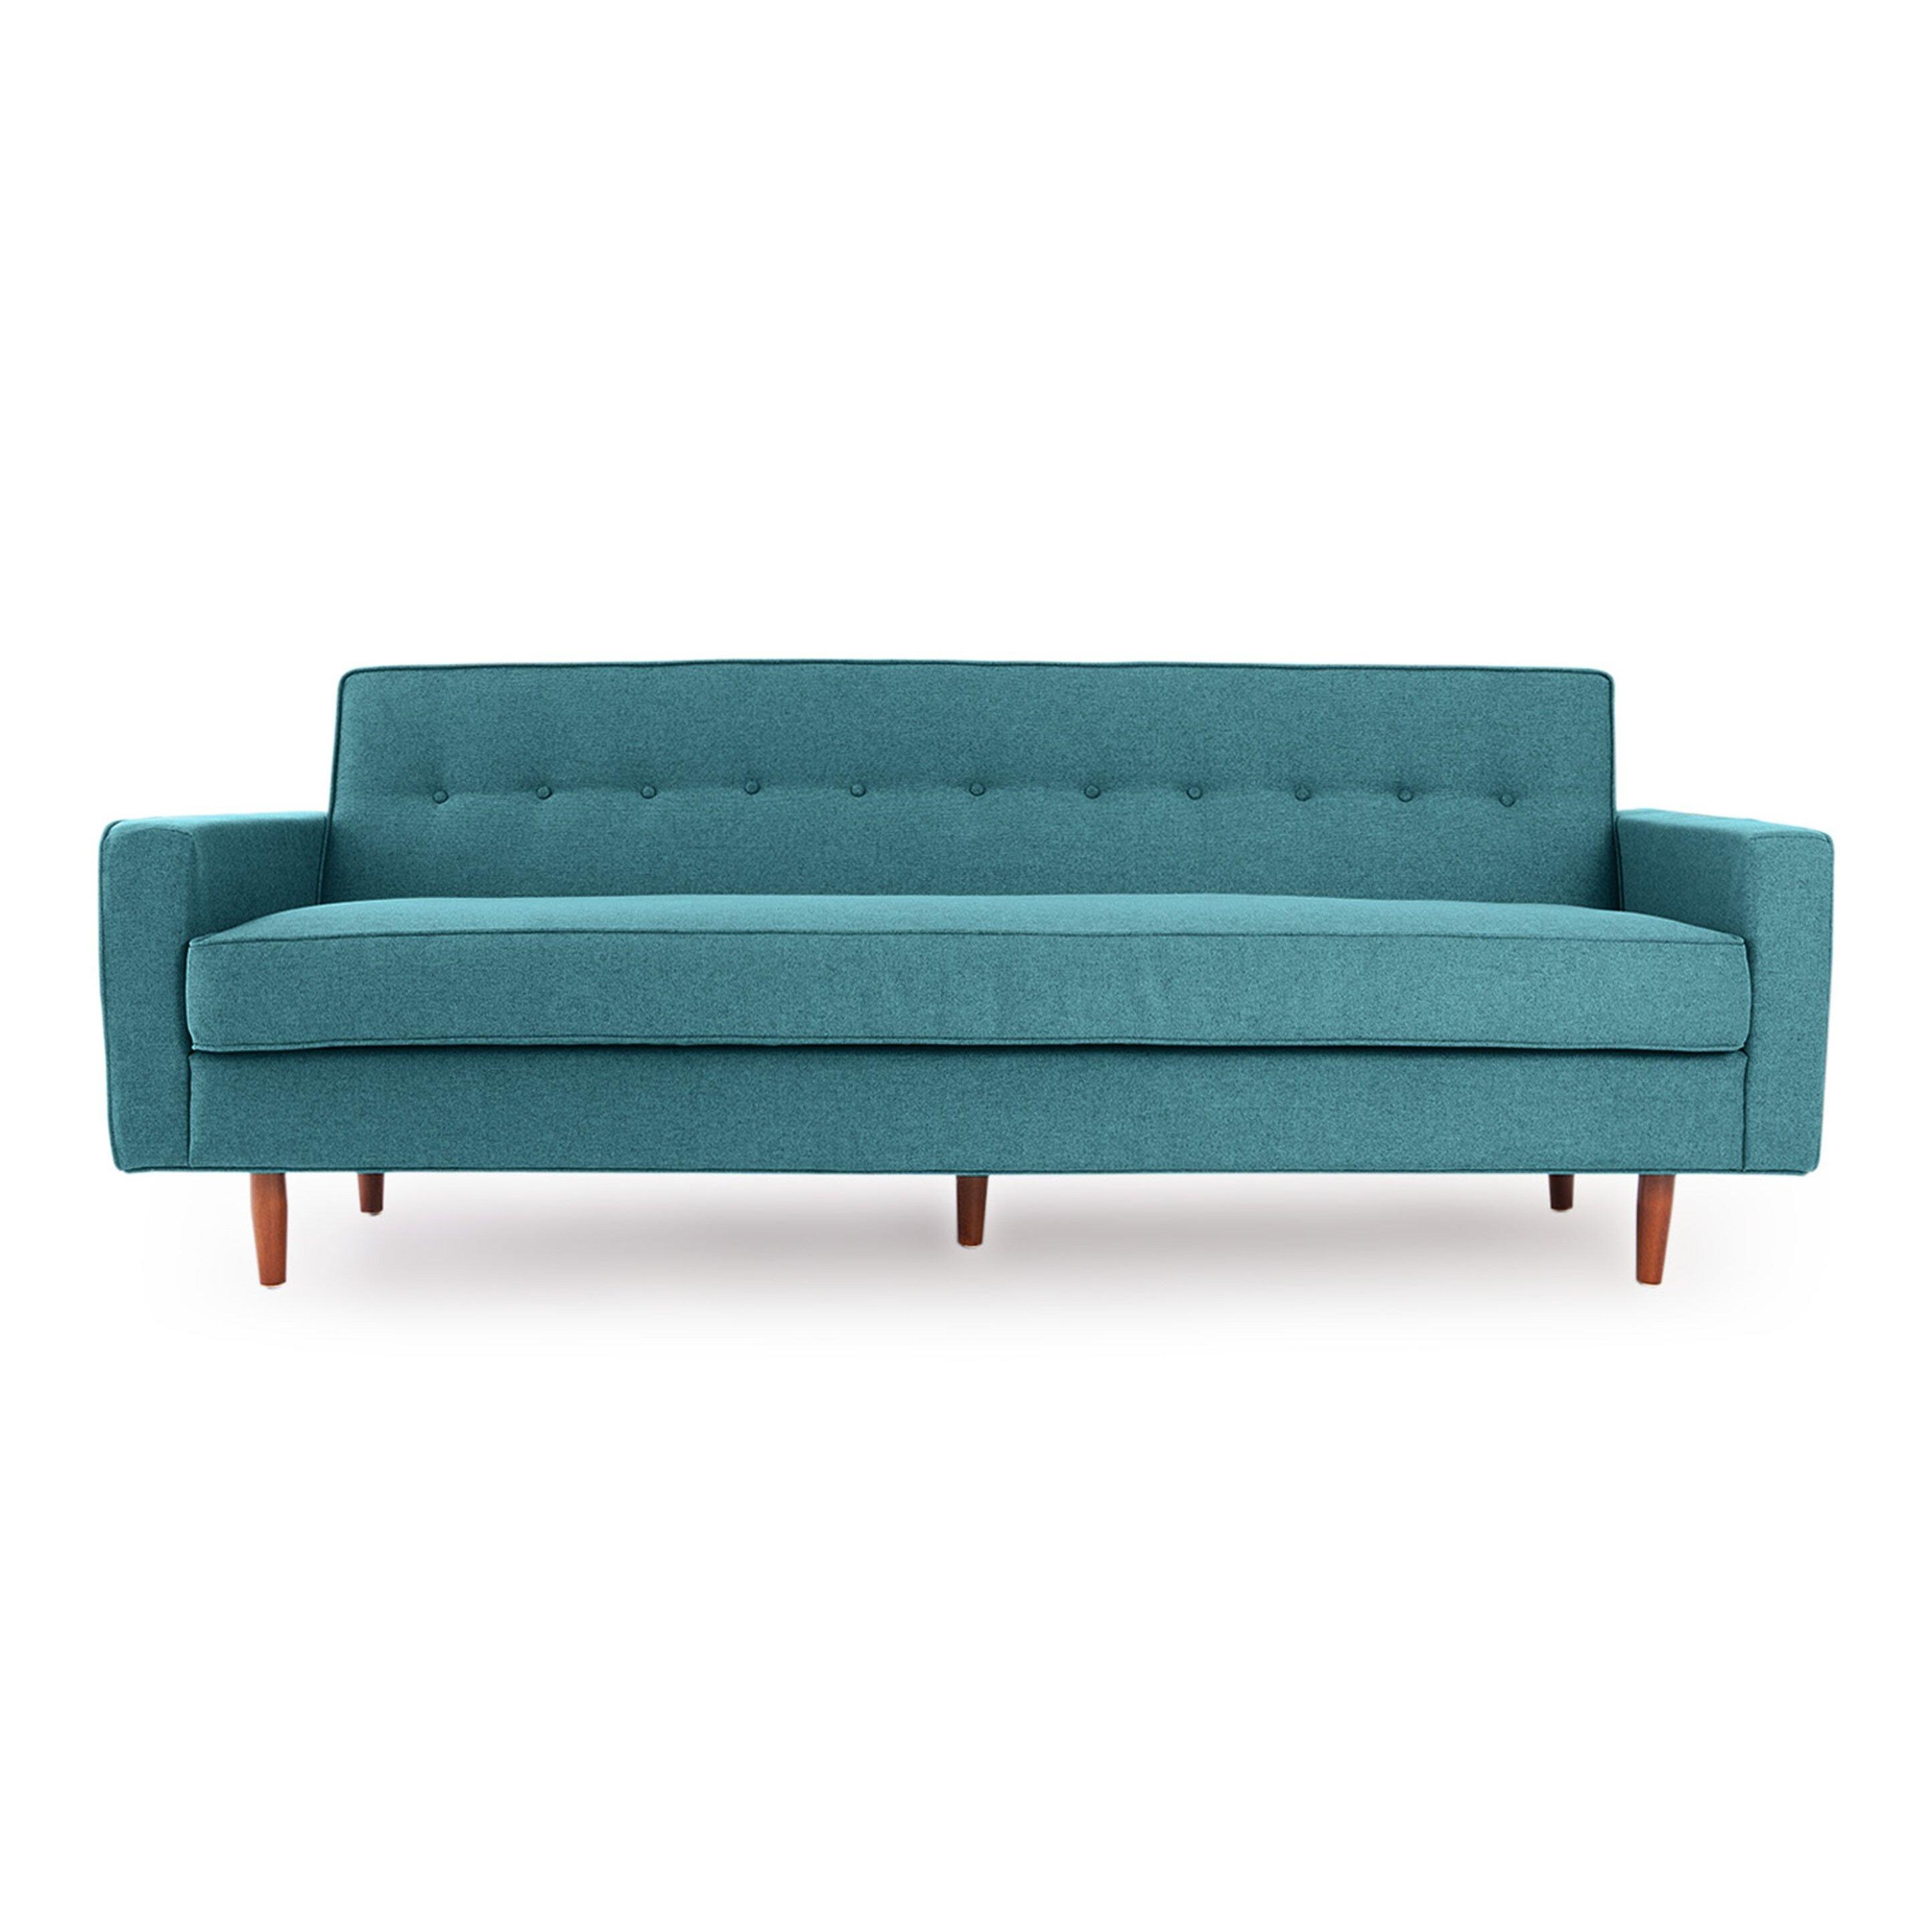 ^ Kardiel leanor Mid entury Modern Sofa & eviews Wayfair